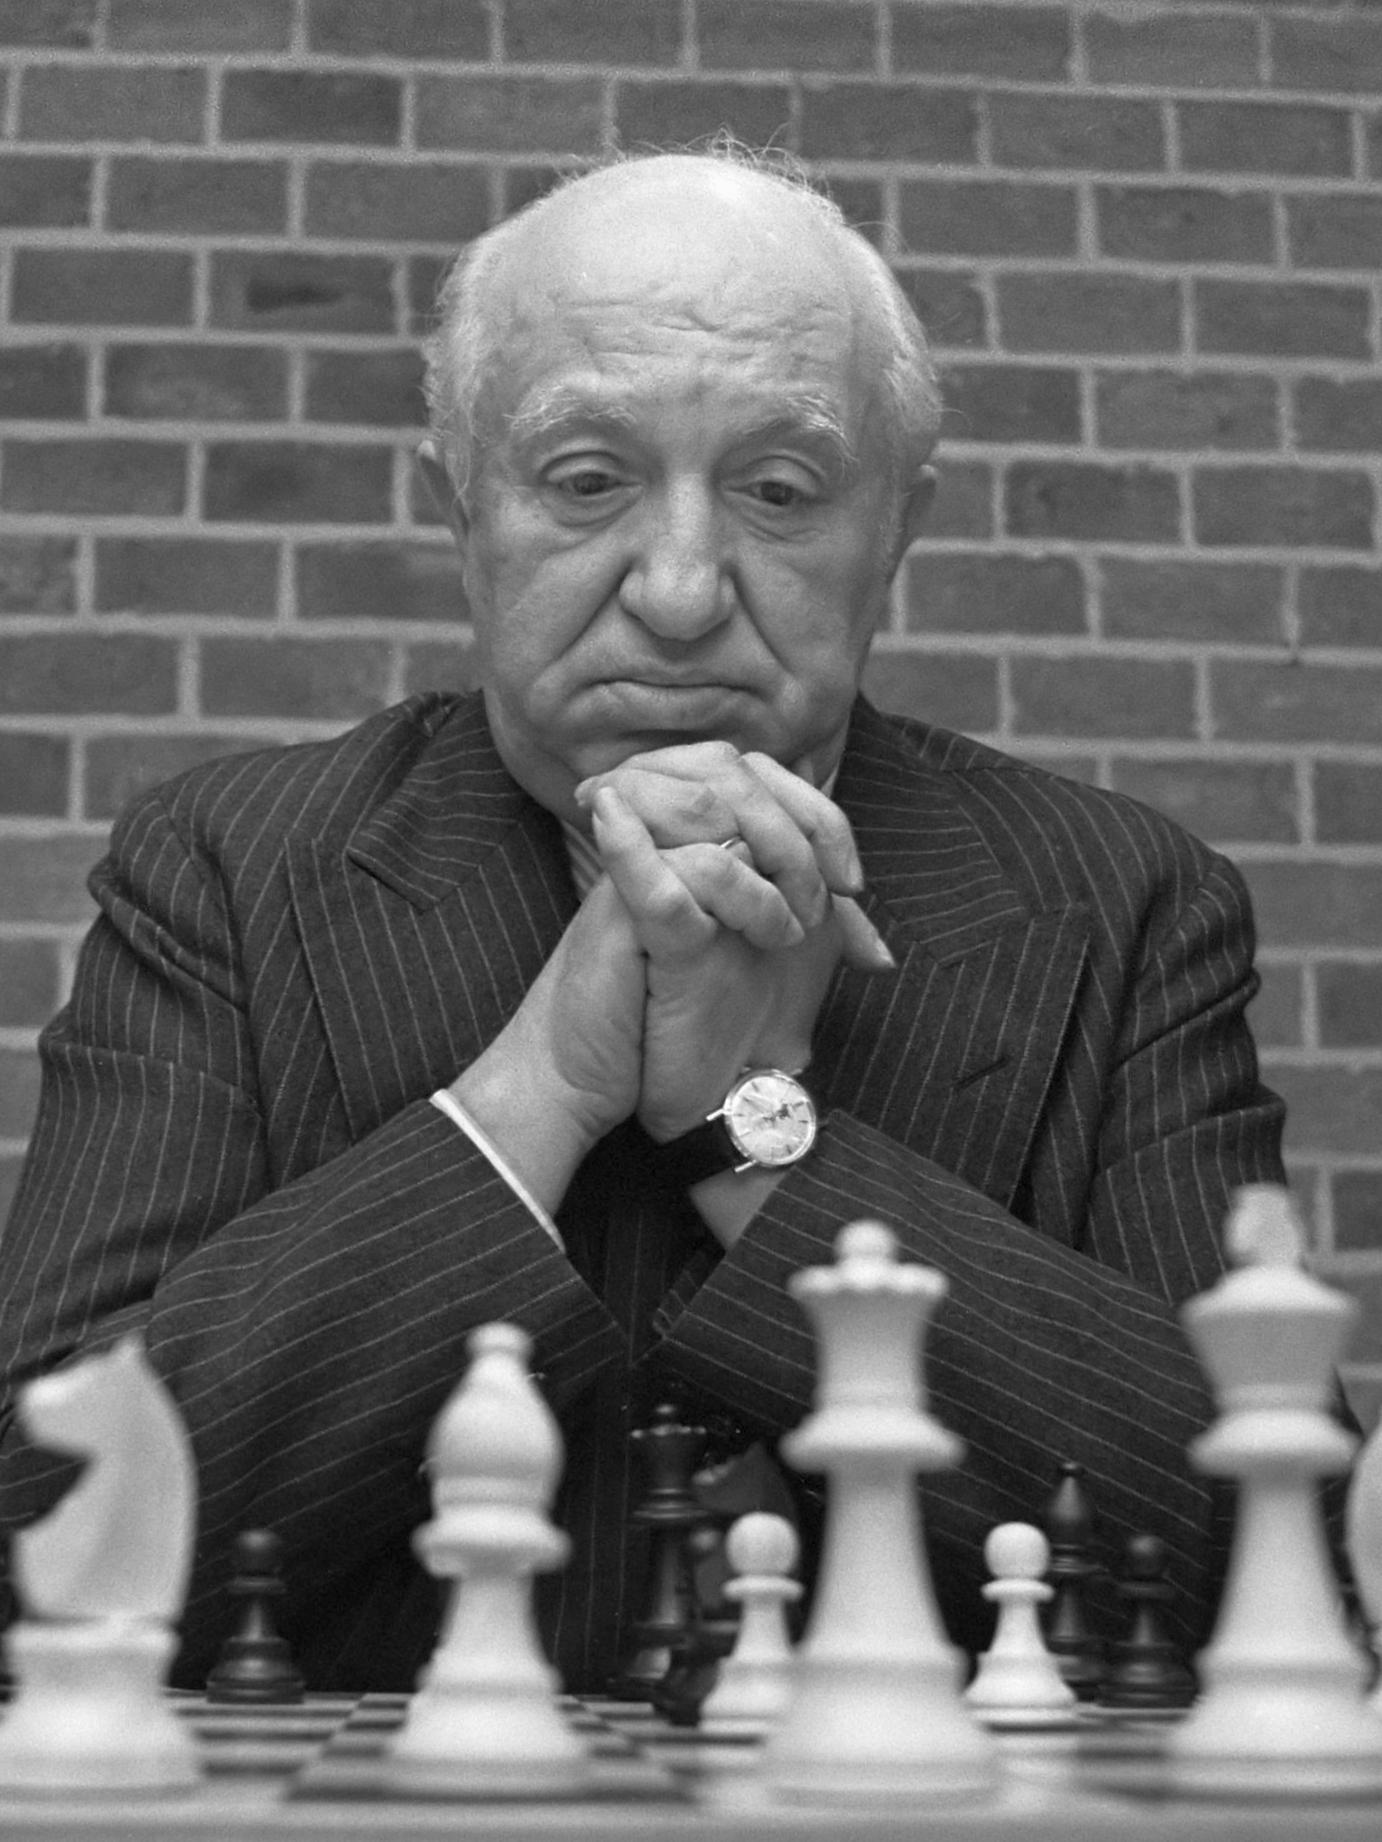 Miguel Najdorf - Wikipedia, la enciclopedia libre